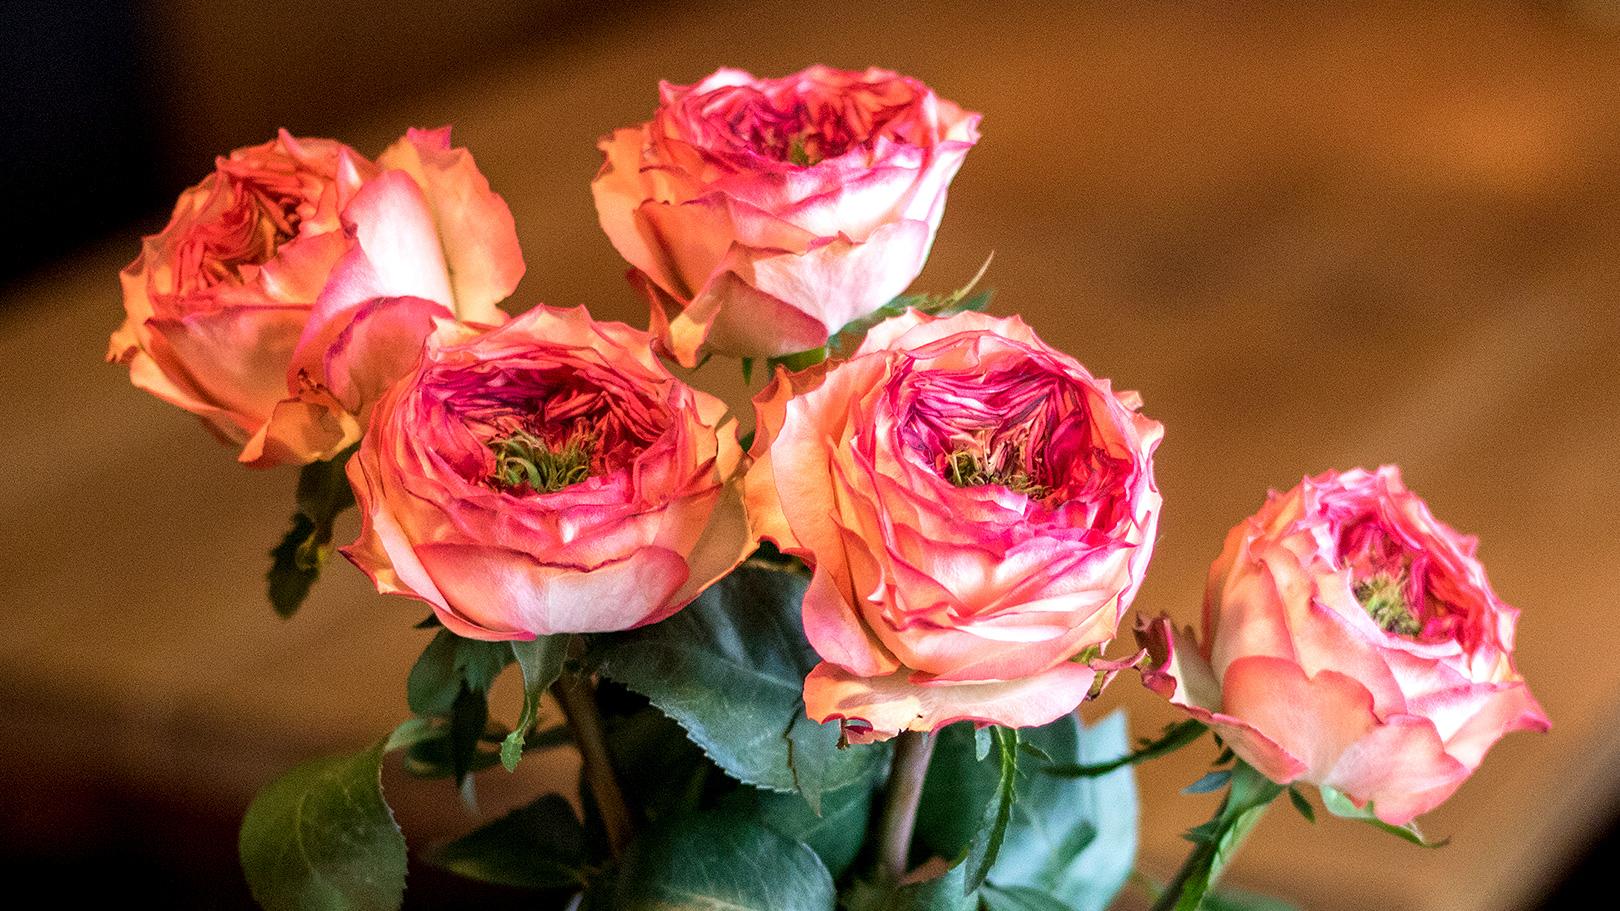 ソジャンミ農園のバラ(スタートレック)